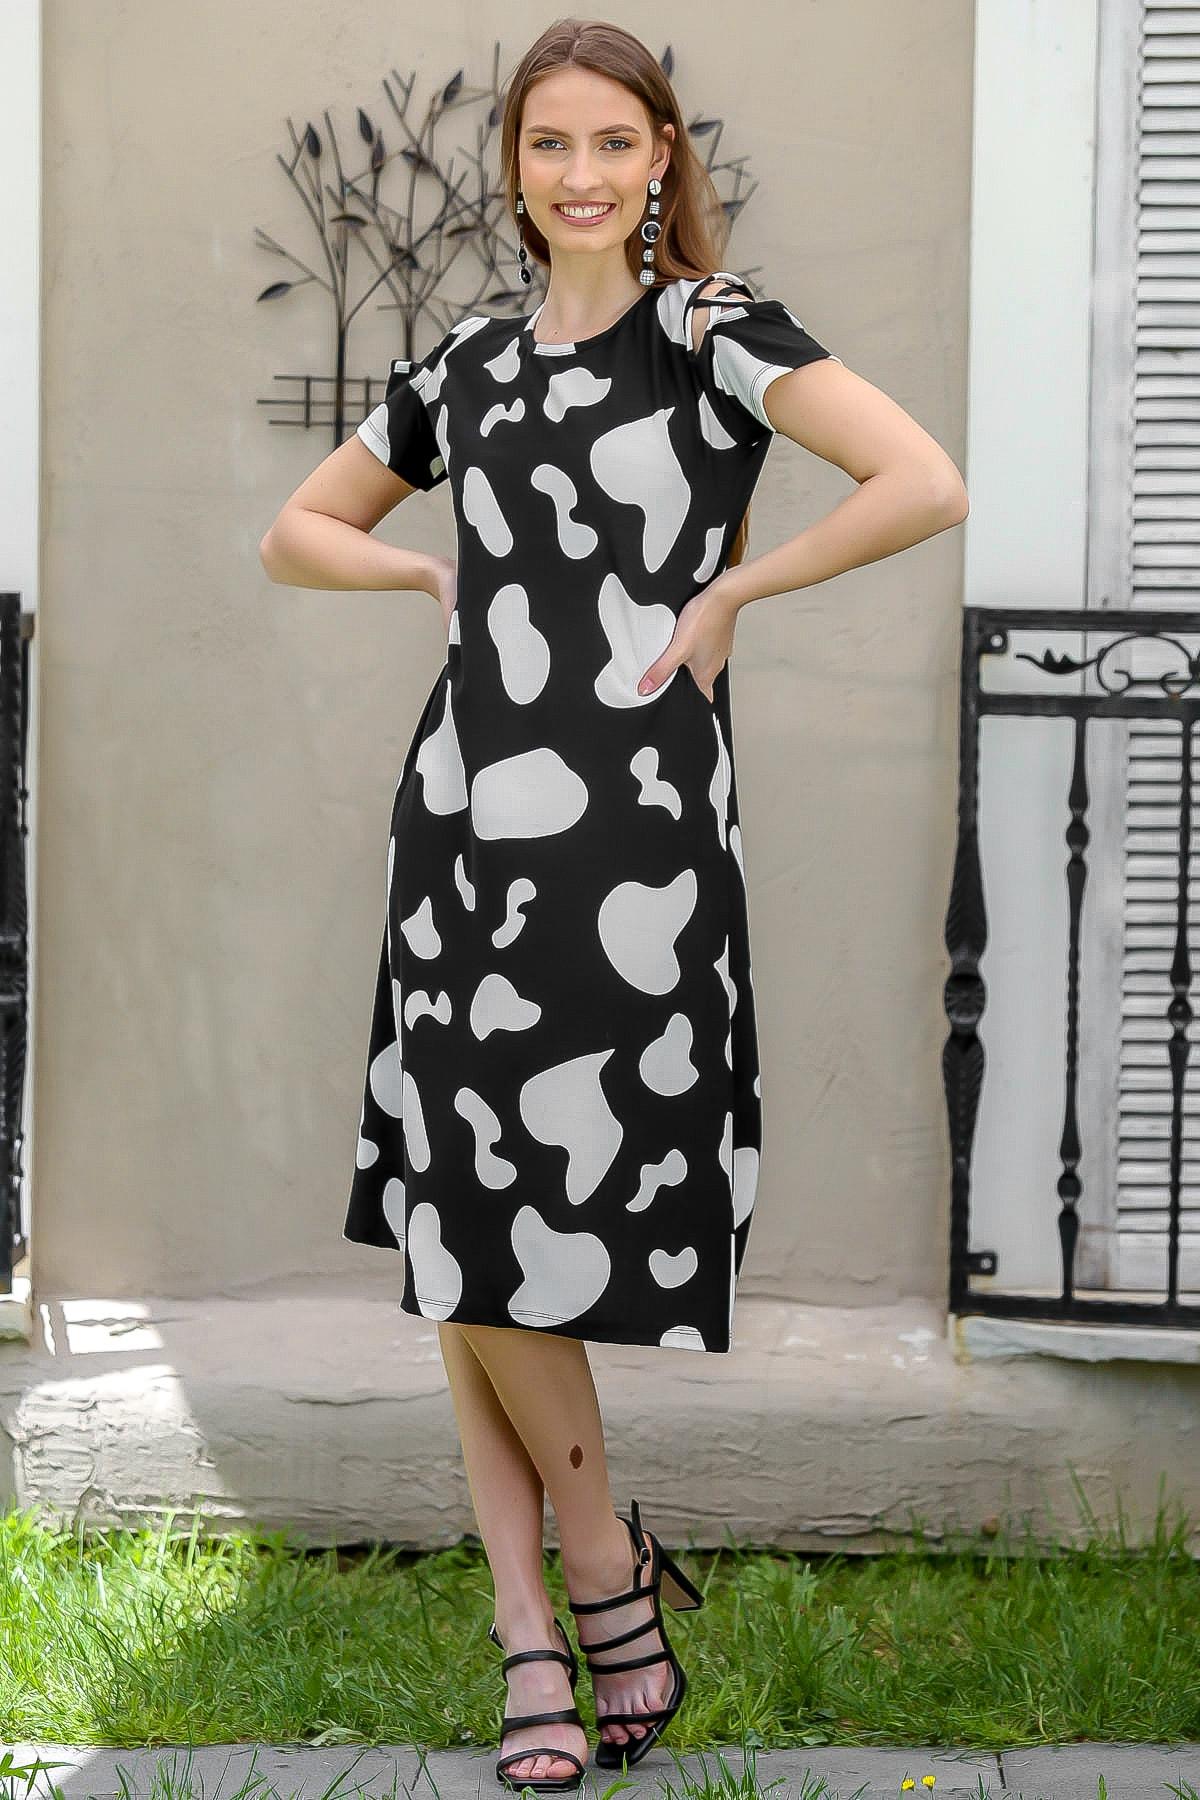 Chiccy Kadın Siyah Tüy Desenli Omuzları Biyeli Midi Elbise M10160000EL95021